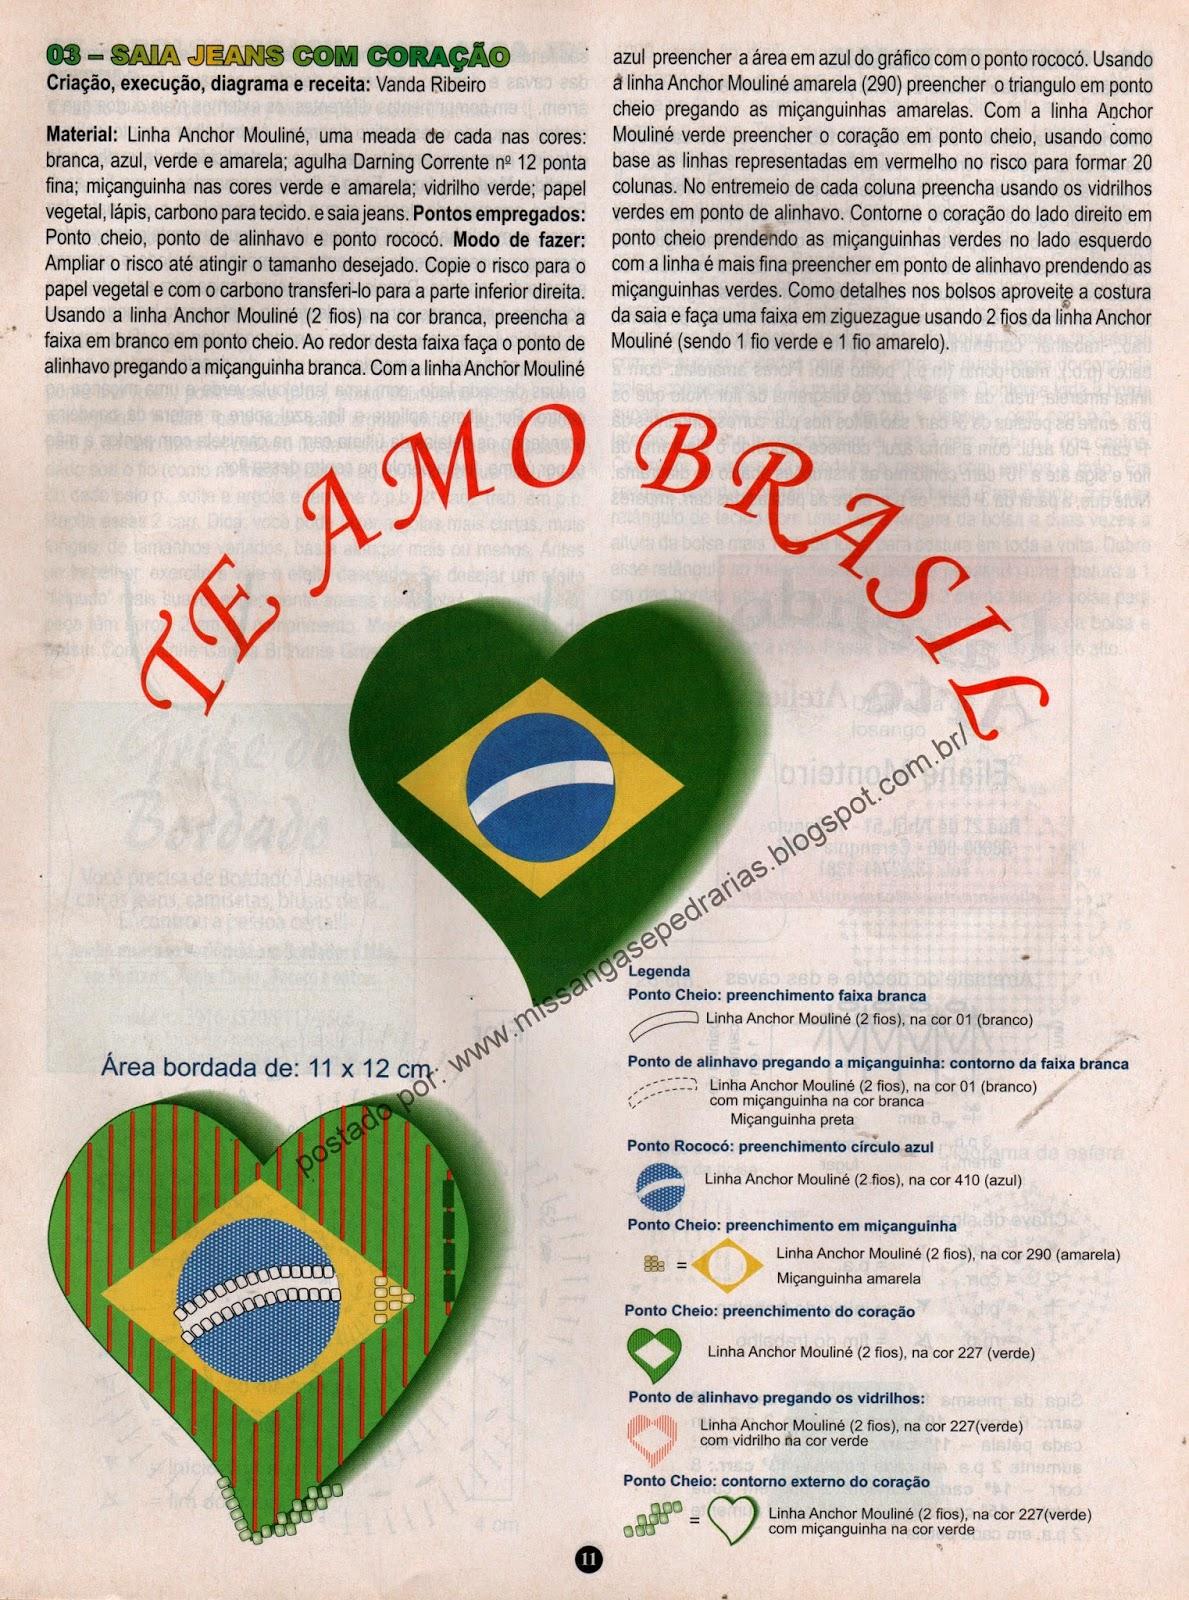 BANDEIRA DO BRASIL EM FORMA DE CORAÇÃO COM PEDRARIAS PASSO A PASSO